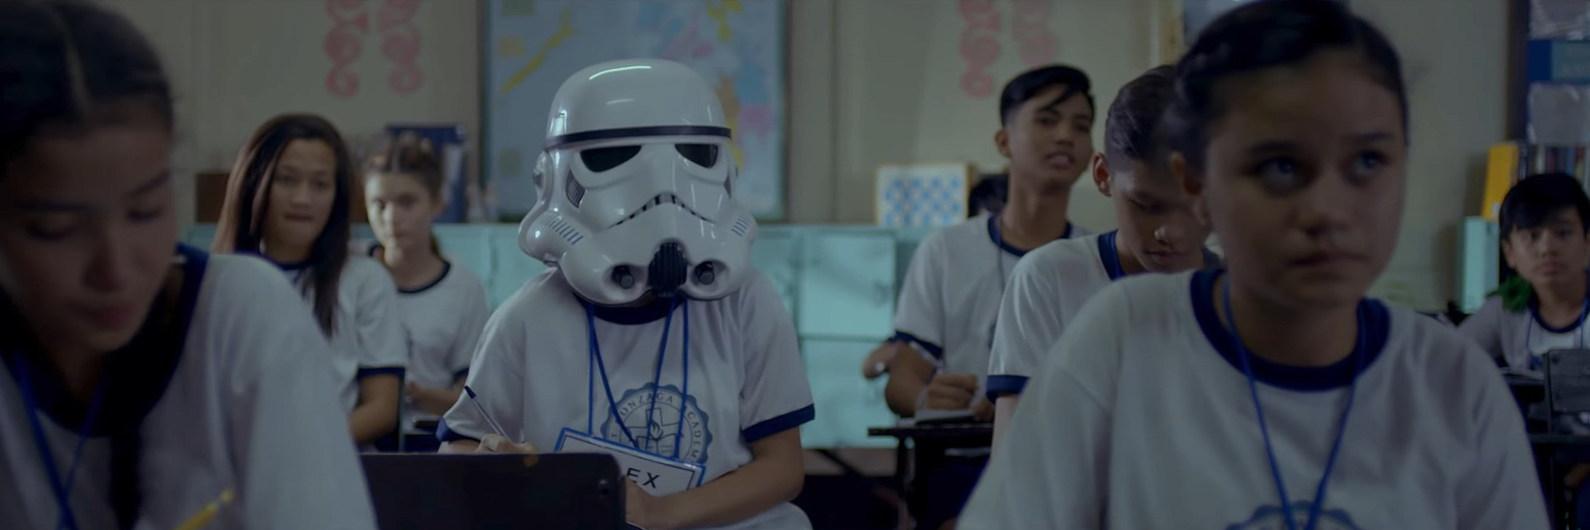 """""""Star Wars"""" invade campanha publicitária de deixar lágrima no canto do olho"""